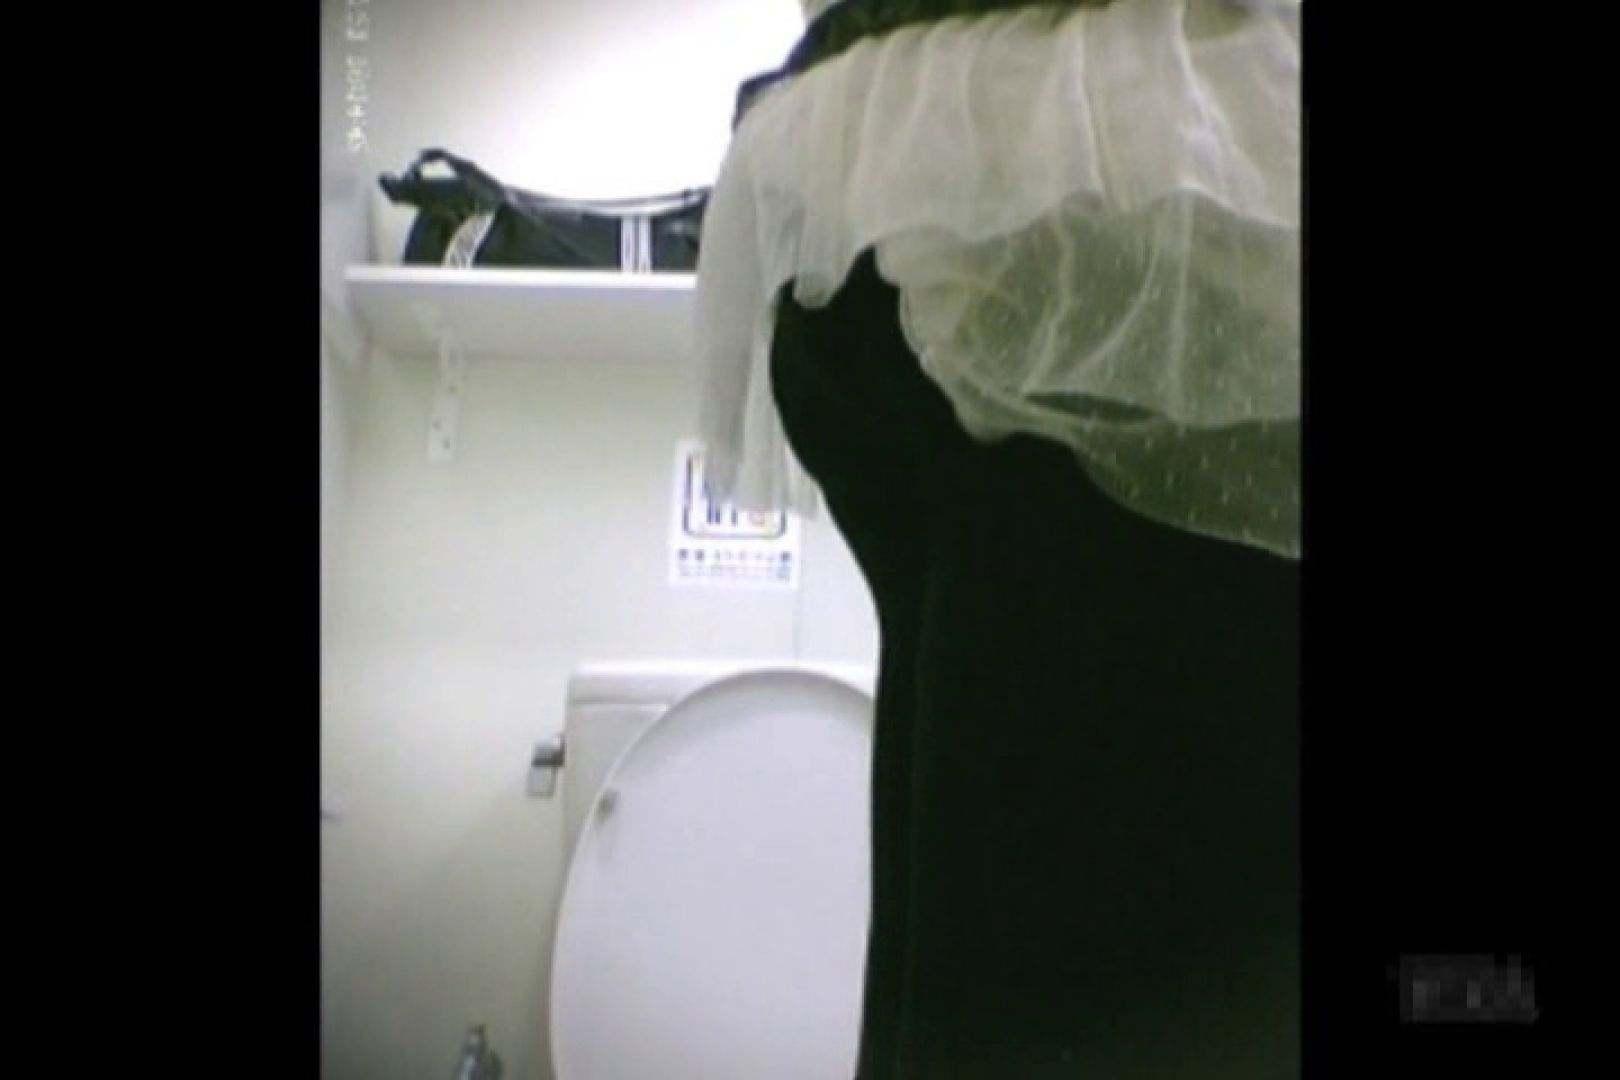 洋式洗面所オムニバスvol.8 洗面所はめどり AV無料動画キャプチャ 104画像 87